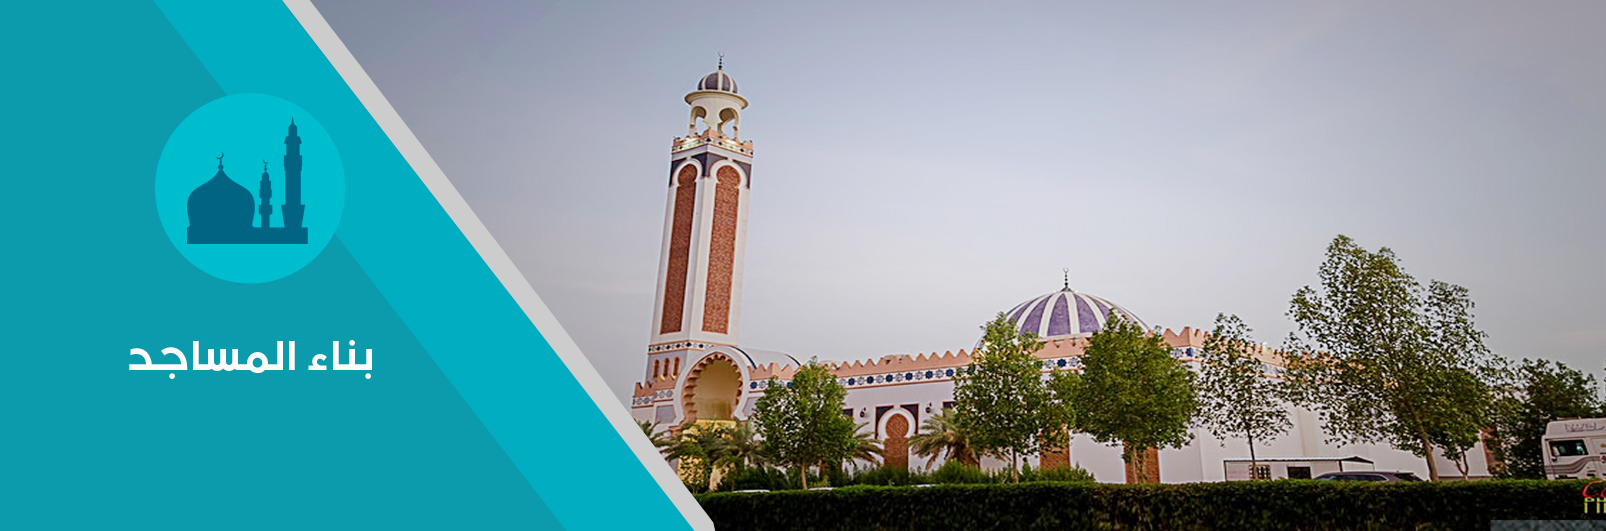 أهم المشاريع : بناء المساجد